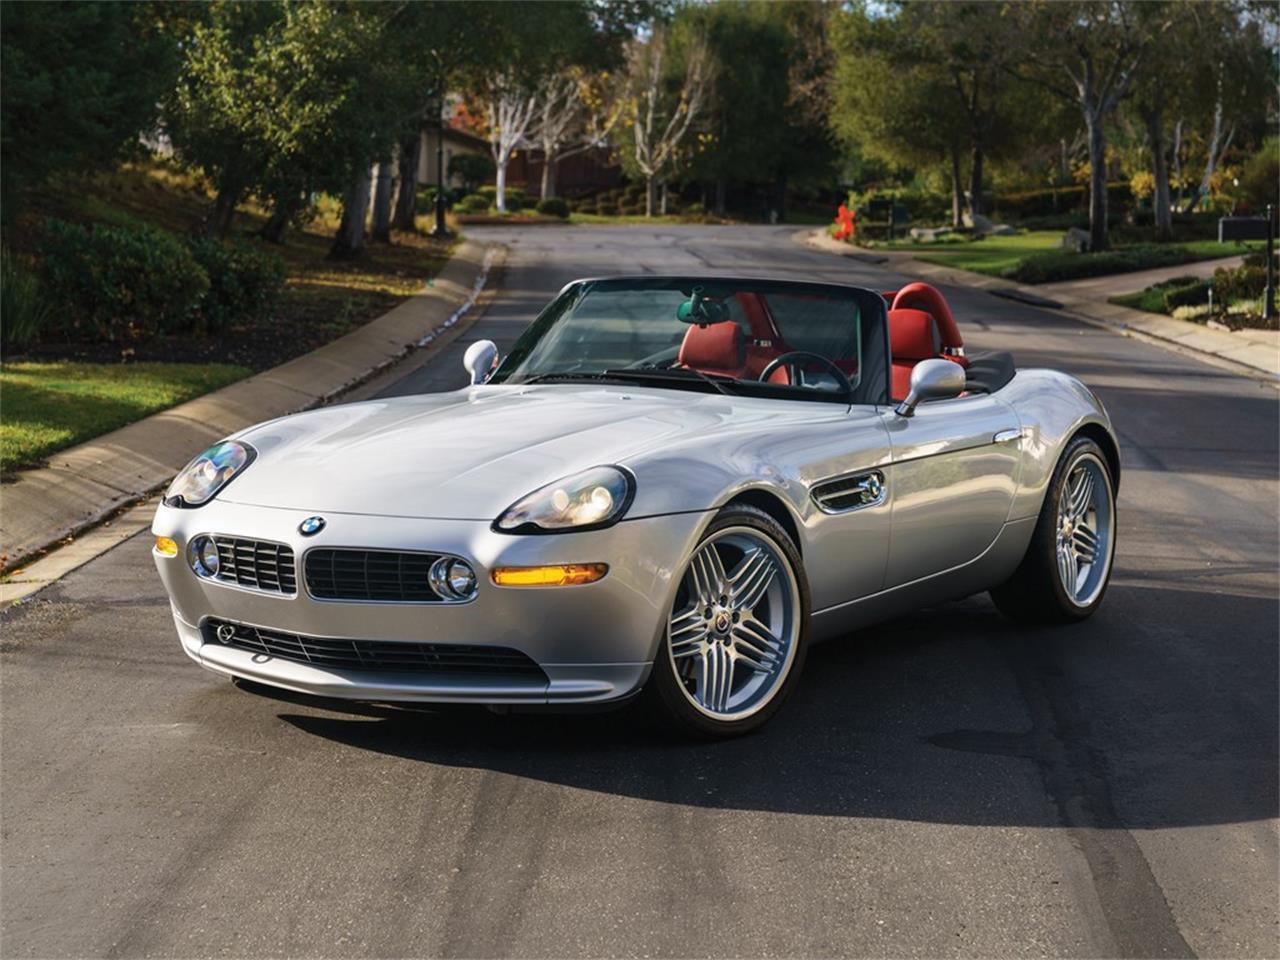 2003 Bmw Alpina Roadster V8 For Sale Classiccars Com Cc 1175255